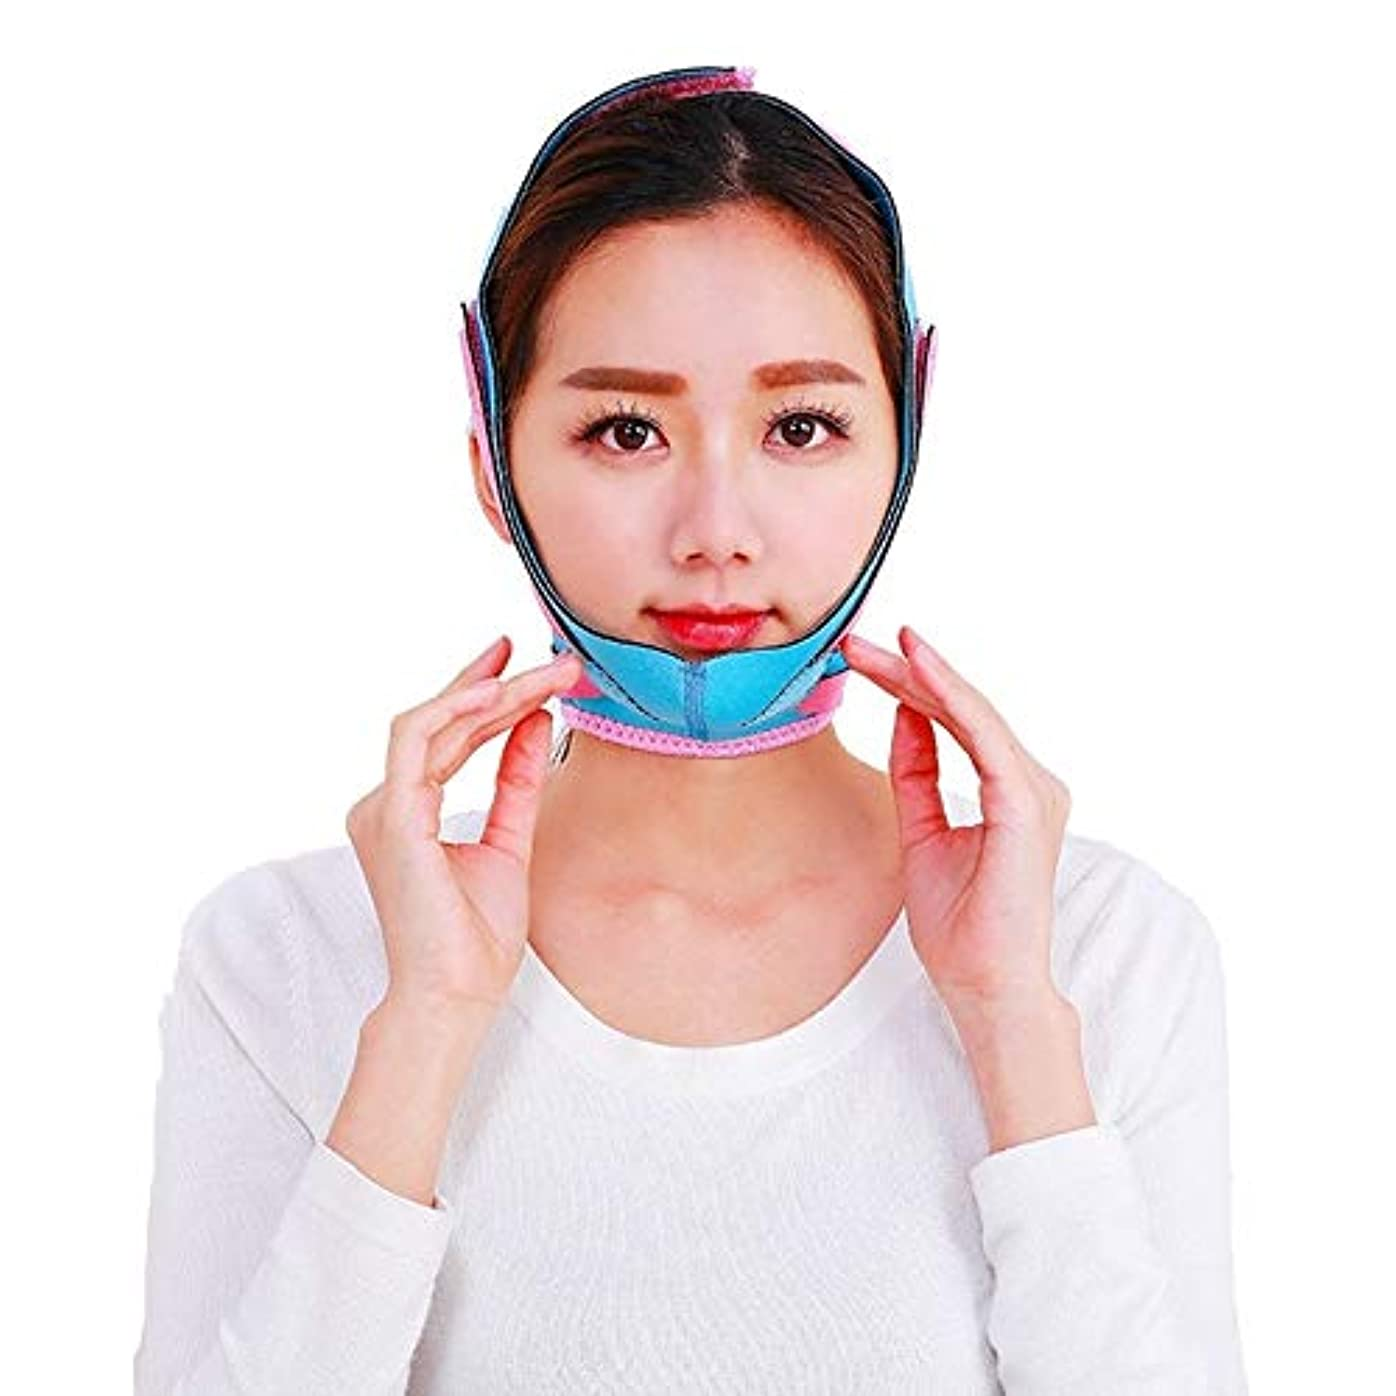 アラブ許容屋内フェイスリフティングベルト、フェイスリフティング包帯フェイシャルフェイスシェイパーV字型包帯で、二重あごの通気性のしわ防止ベルトを軽減 (Color : Blue)